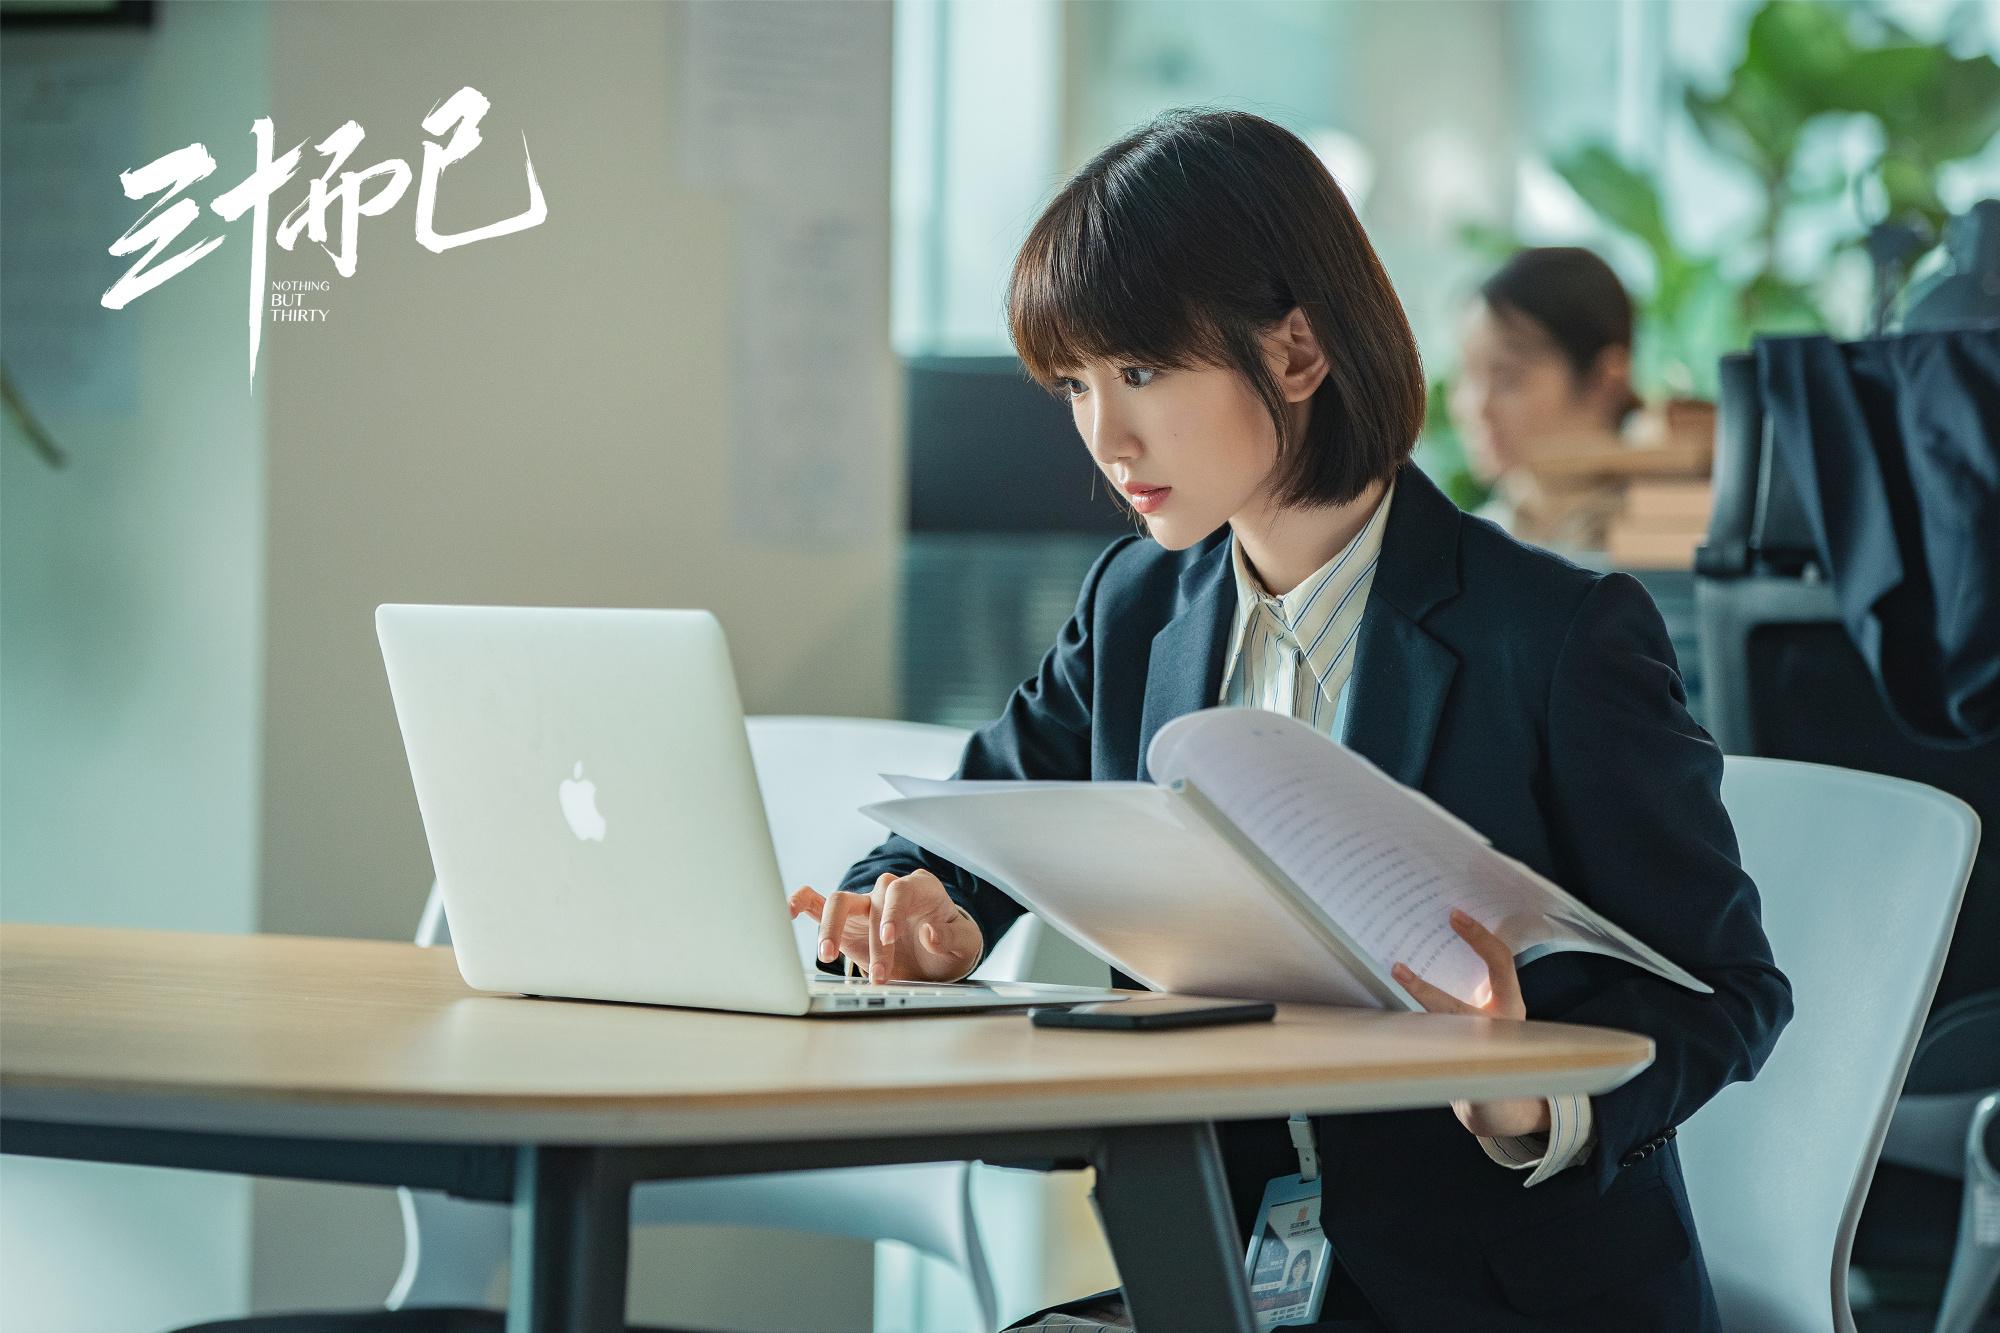 Nghe tin 30 Chưa Phải Là Hết được Việt - Hàn đua nhau remake, netizen sửng sốt: Hóng bản Hàn, còn bản Việt thì... thôi bỏ đi! - Ảnh 8.